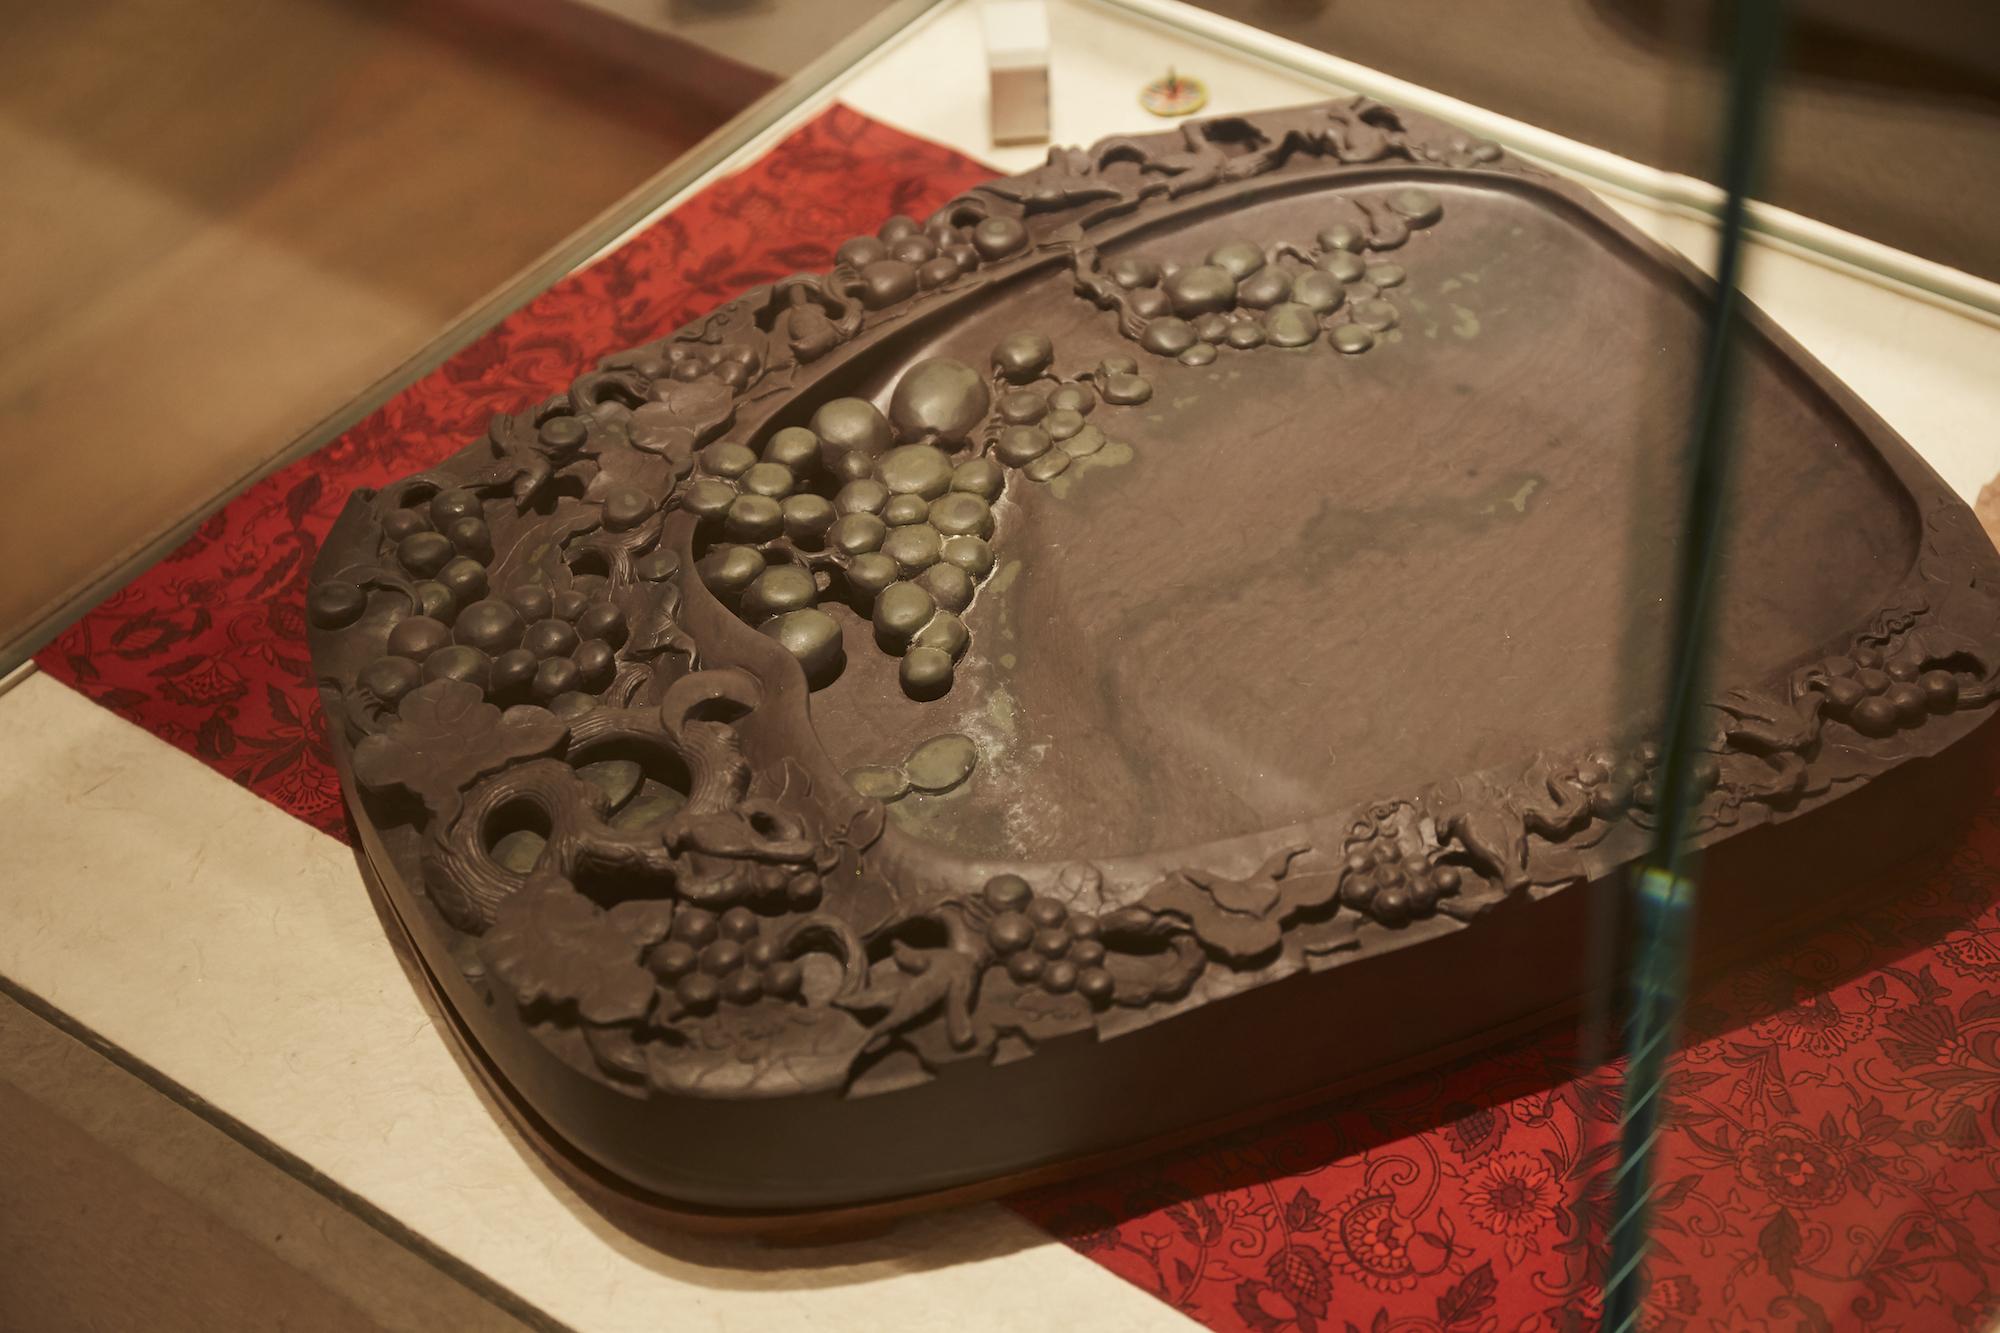 中国の端渓と呼ばれる地域で産出された硯。現在は閉山され、希少性が増している貴重な一点。